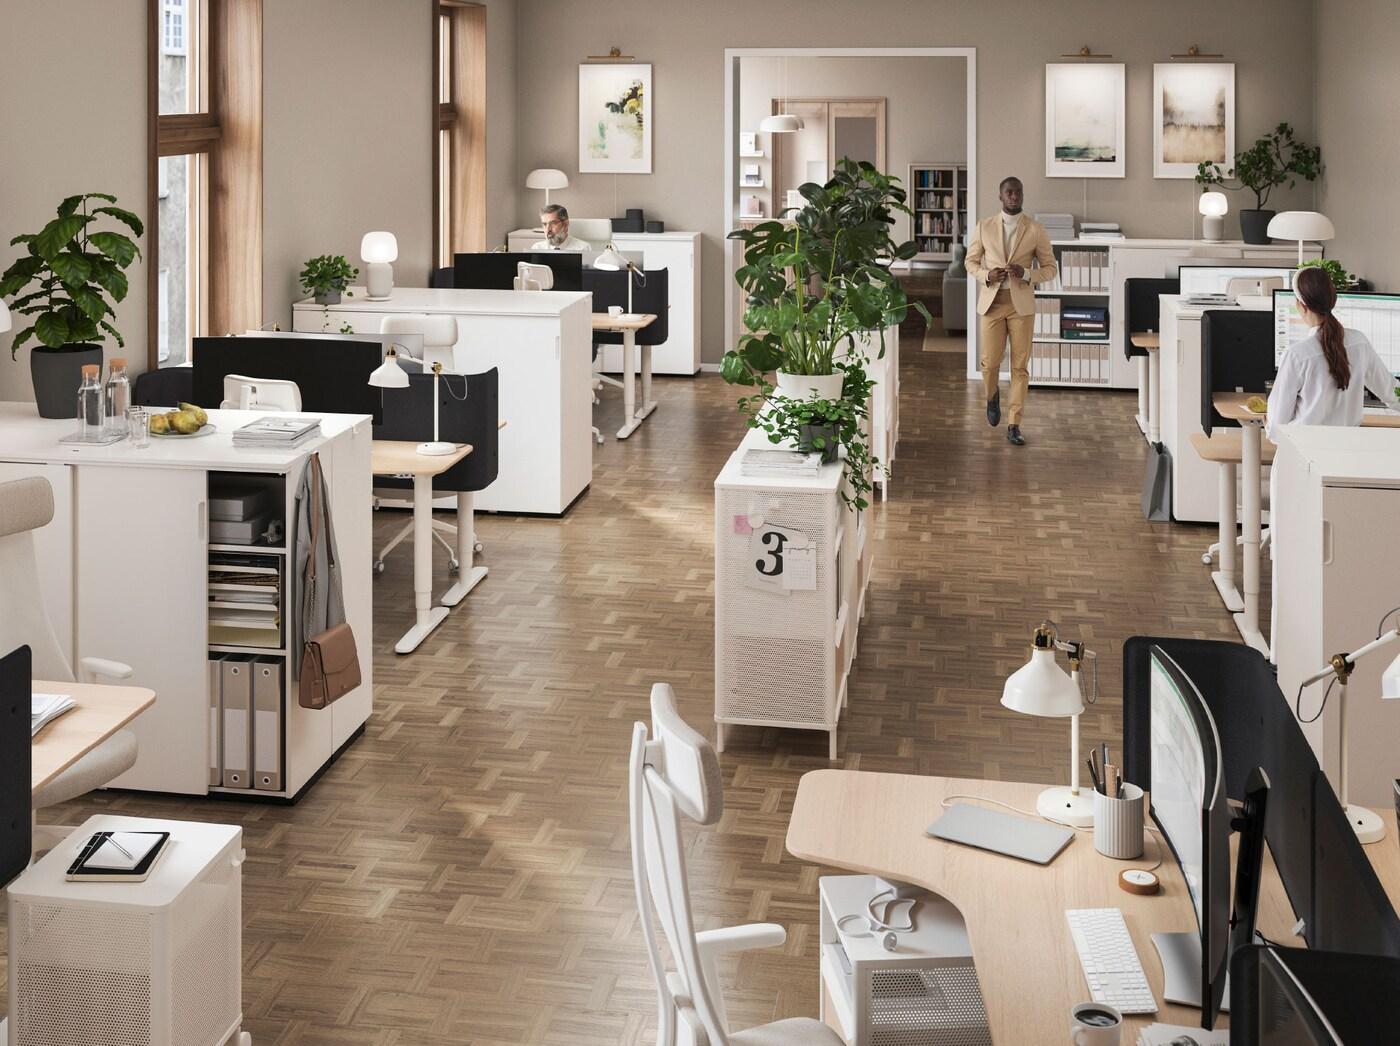 Urządzone na otwartym planie biuro z ustawionymi na środku regałami udekorowanymi roślinami i rozmieszczonymi przy ścianach, oświetlonymi stanowiskami do pracy.